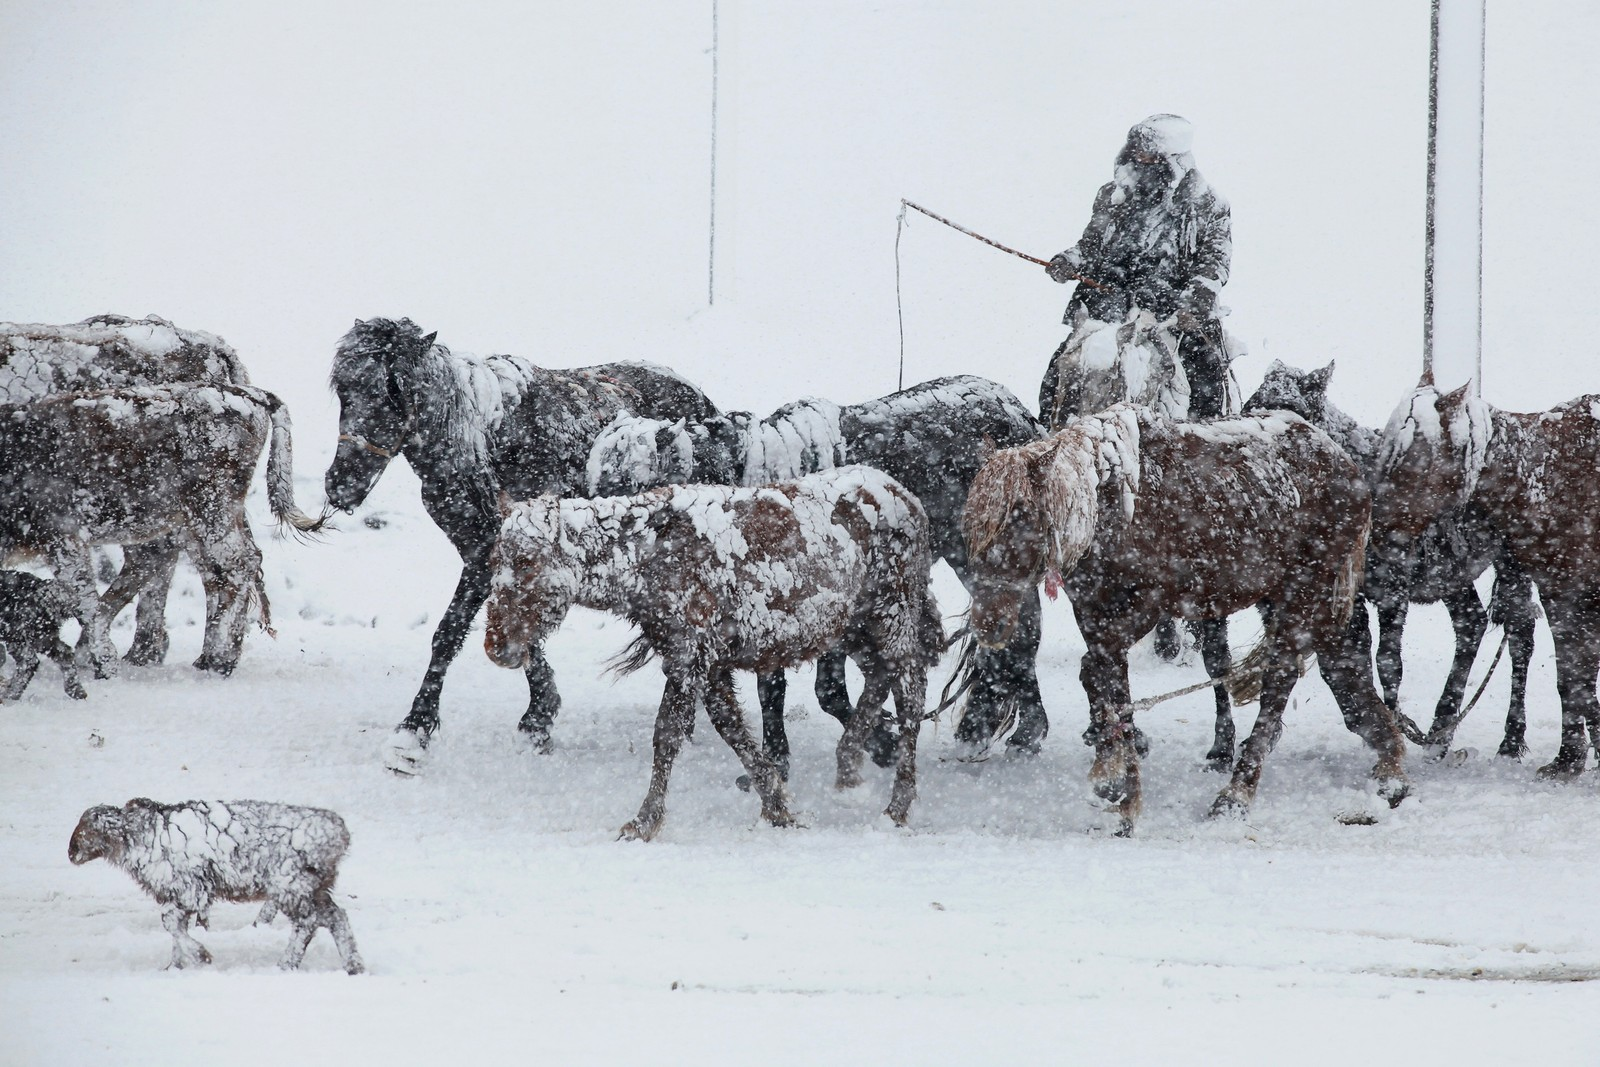 En mann fører husdyr gjennom snøen i Altay i Kina.